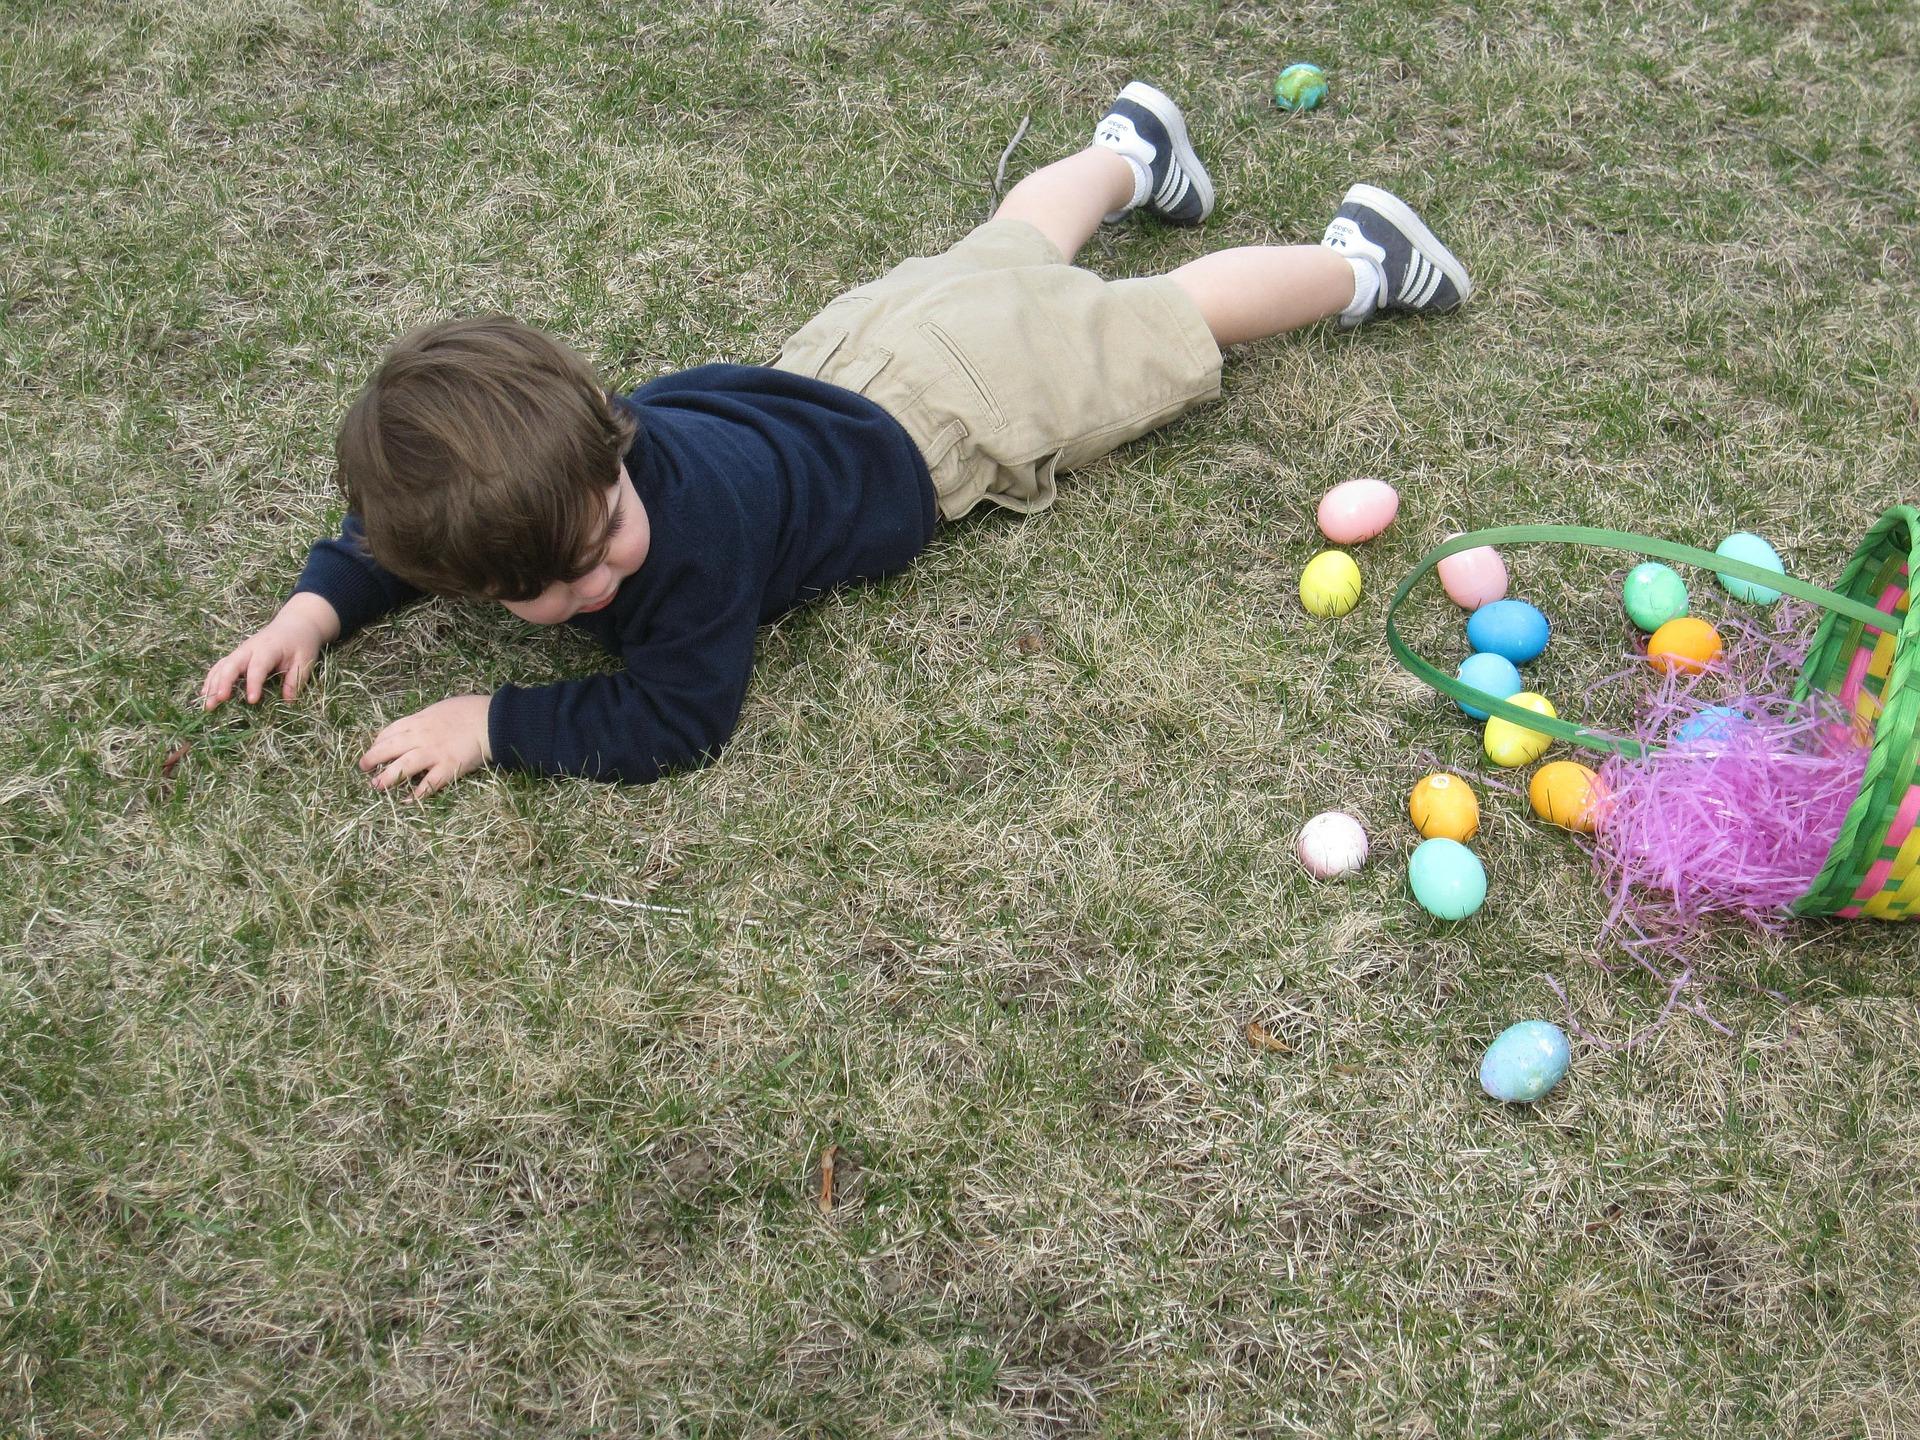 Если годовалый ребенок ударился головой. Ребенок упал и ударился головой